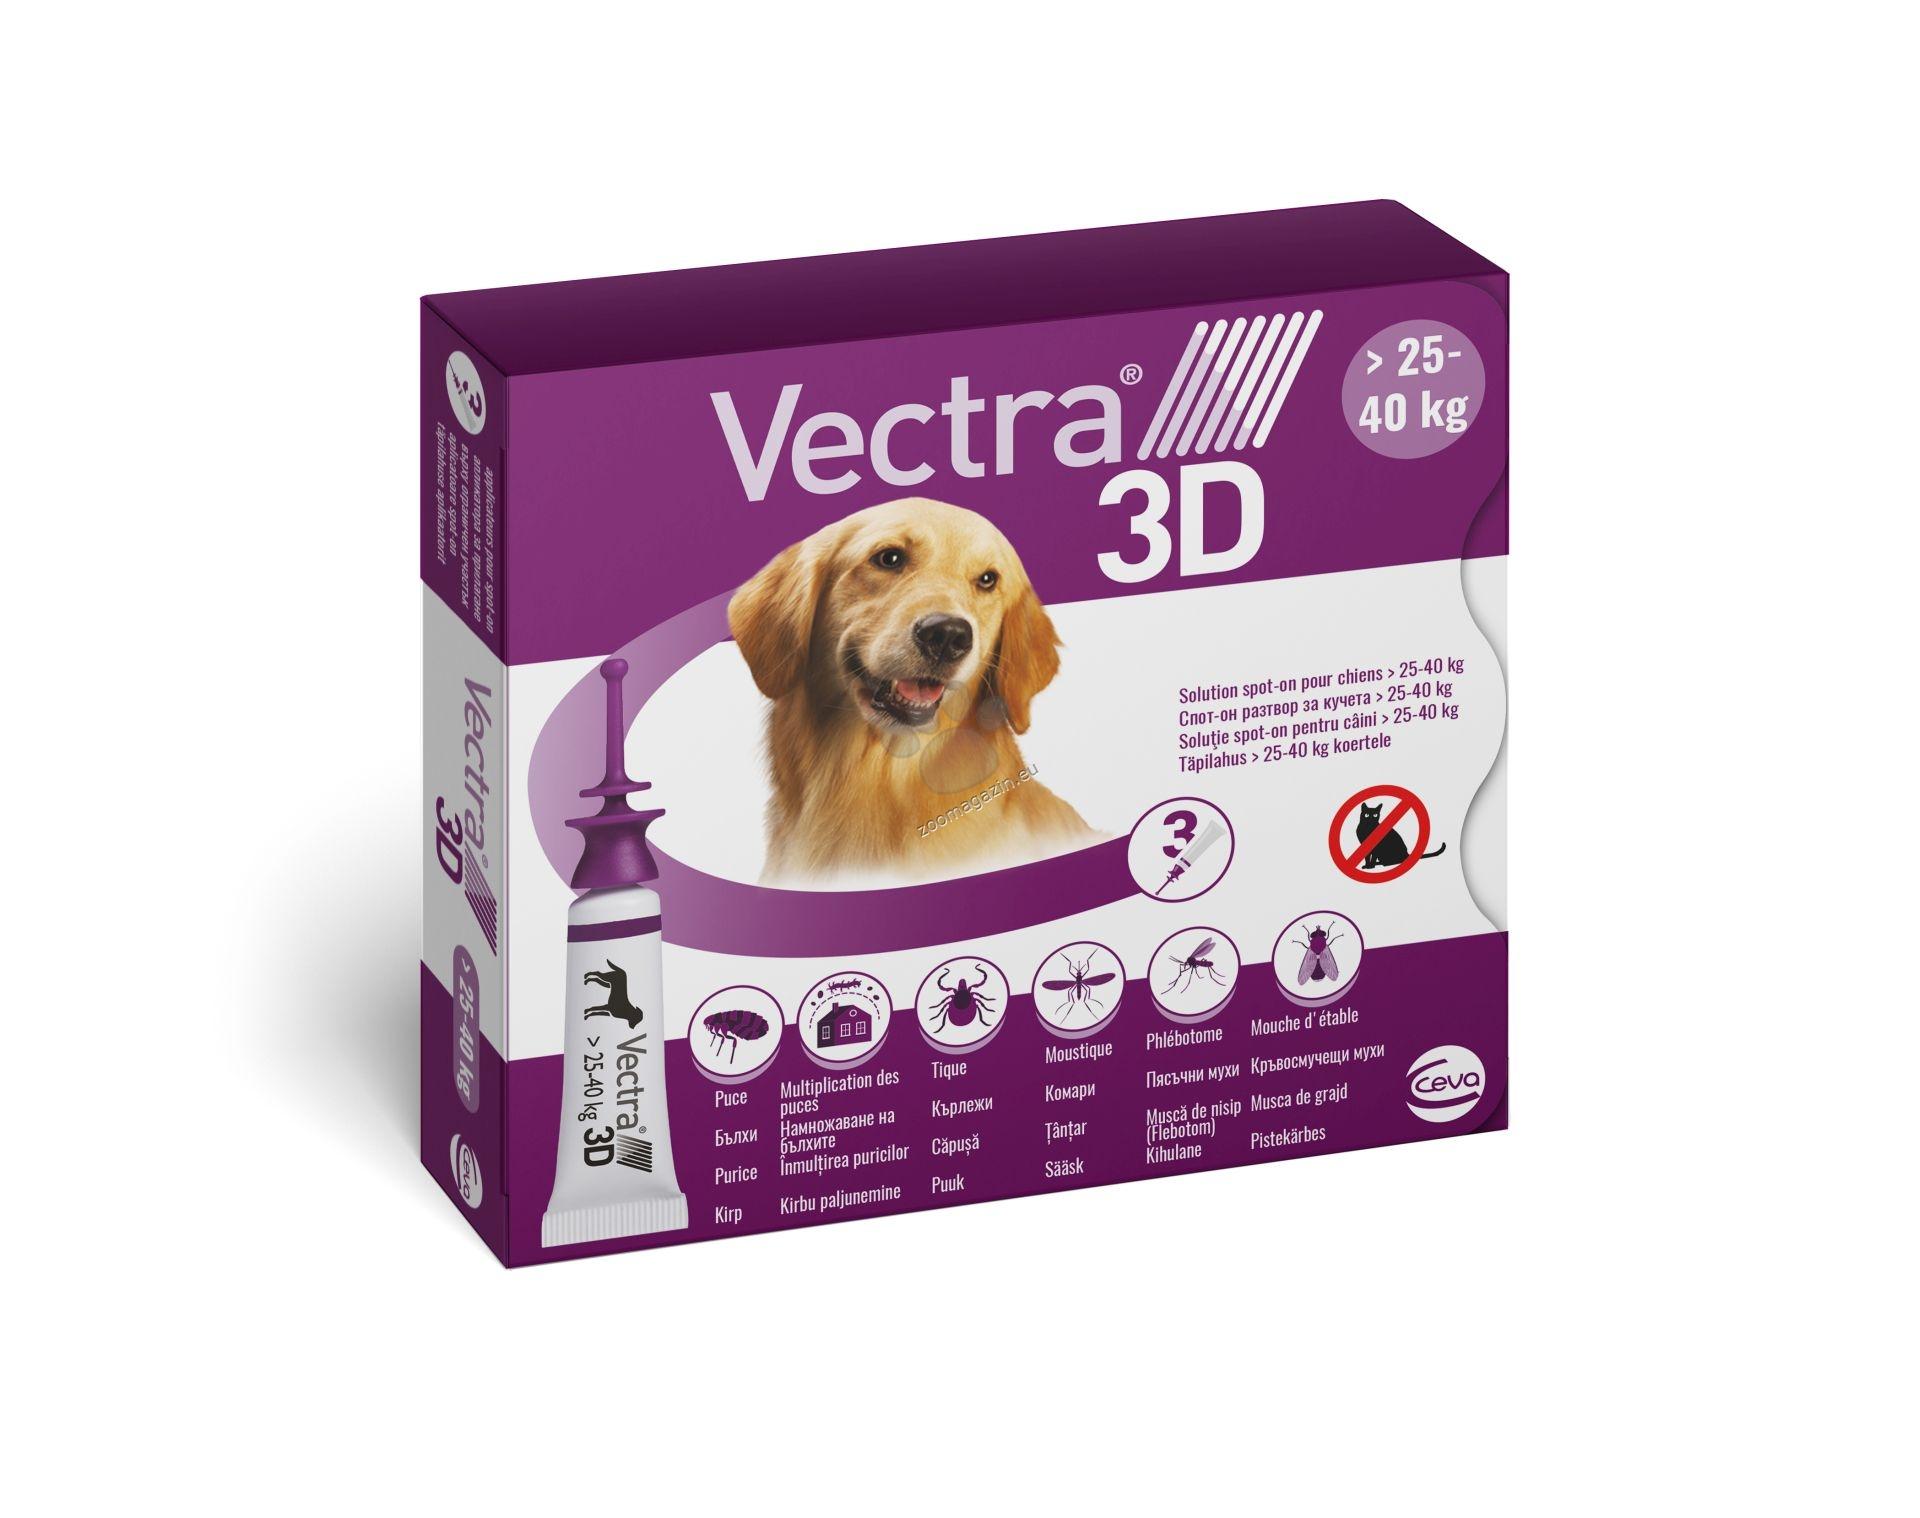 Ceva Vectra 3d - спот он форма против бълхи, кърлежи, мухи, комари, за кучета с тегло 25 - 40 кг. / 3 броя пипети /